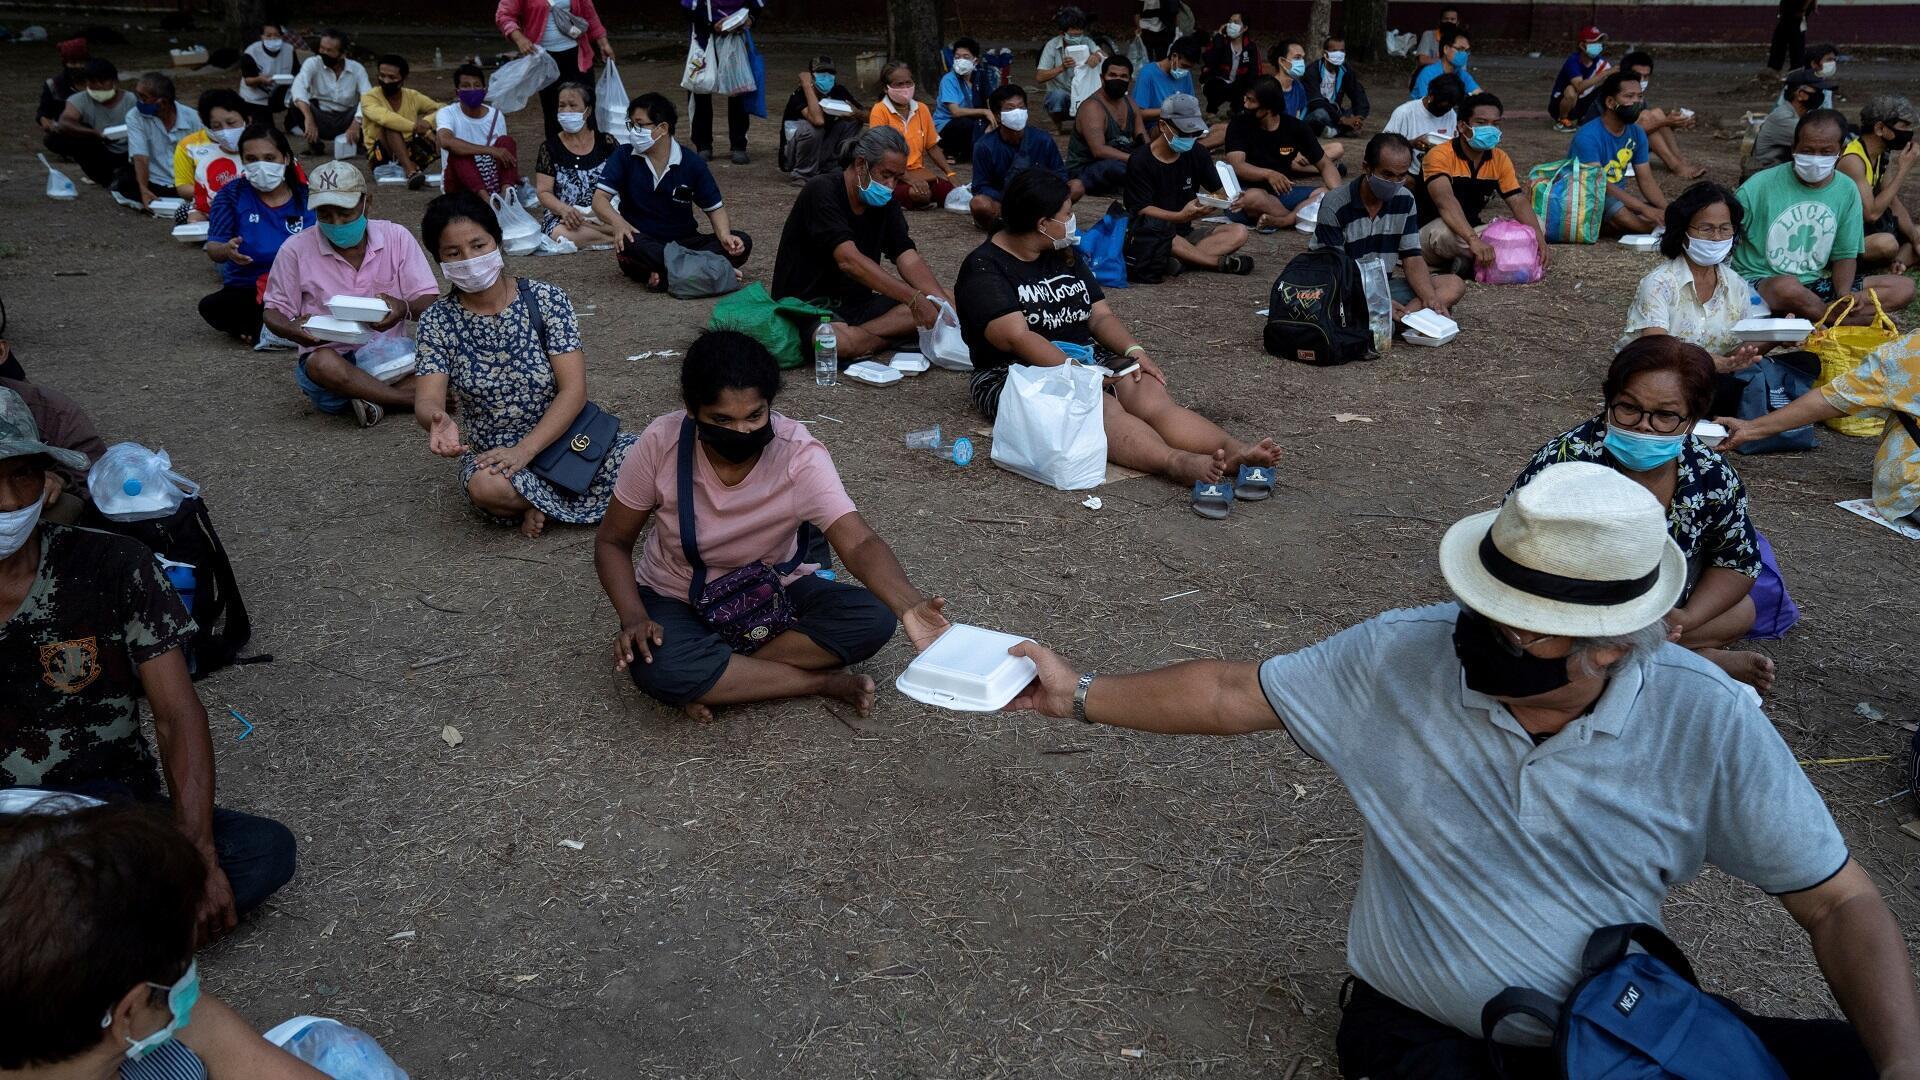 أشخاص متضررون من إجراءات الحجر الصحي في تايلاند يتلقون وجبات مجانية في بانكوك، 21 أبريل/نيسان 2020.